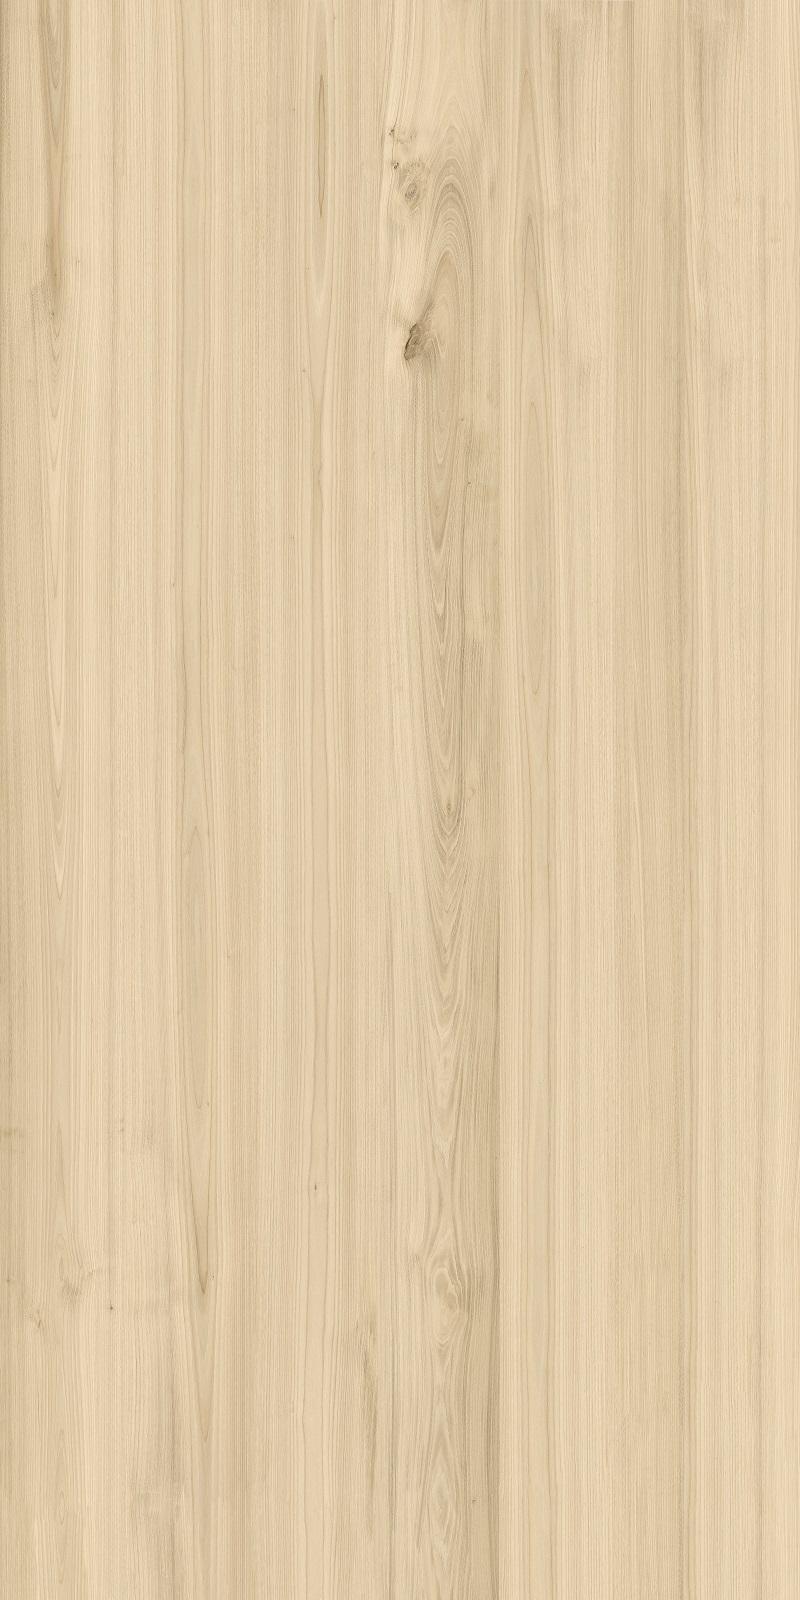 冠珠瓷砖胡桃木棕黄大理石